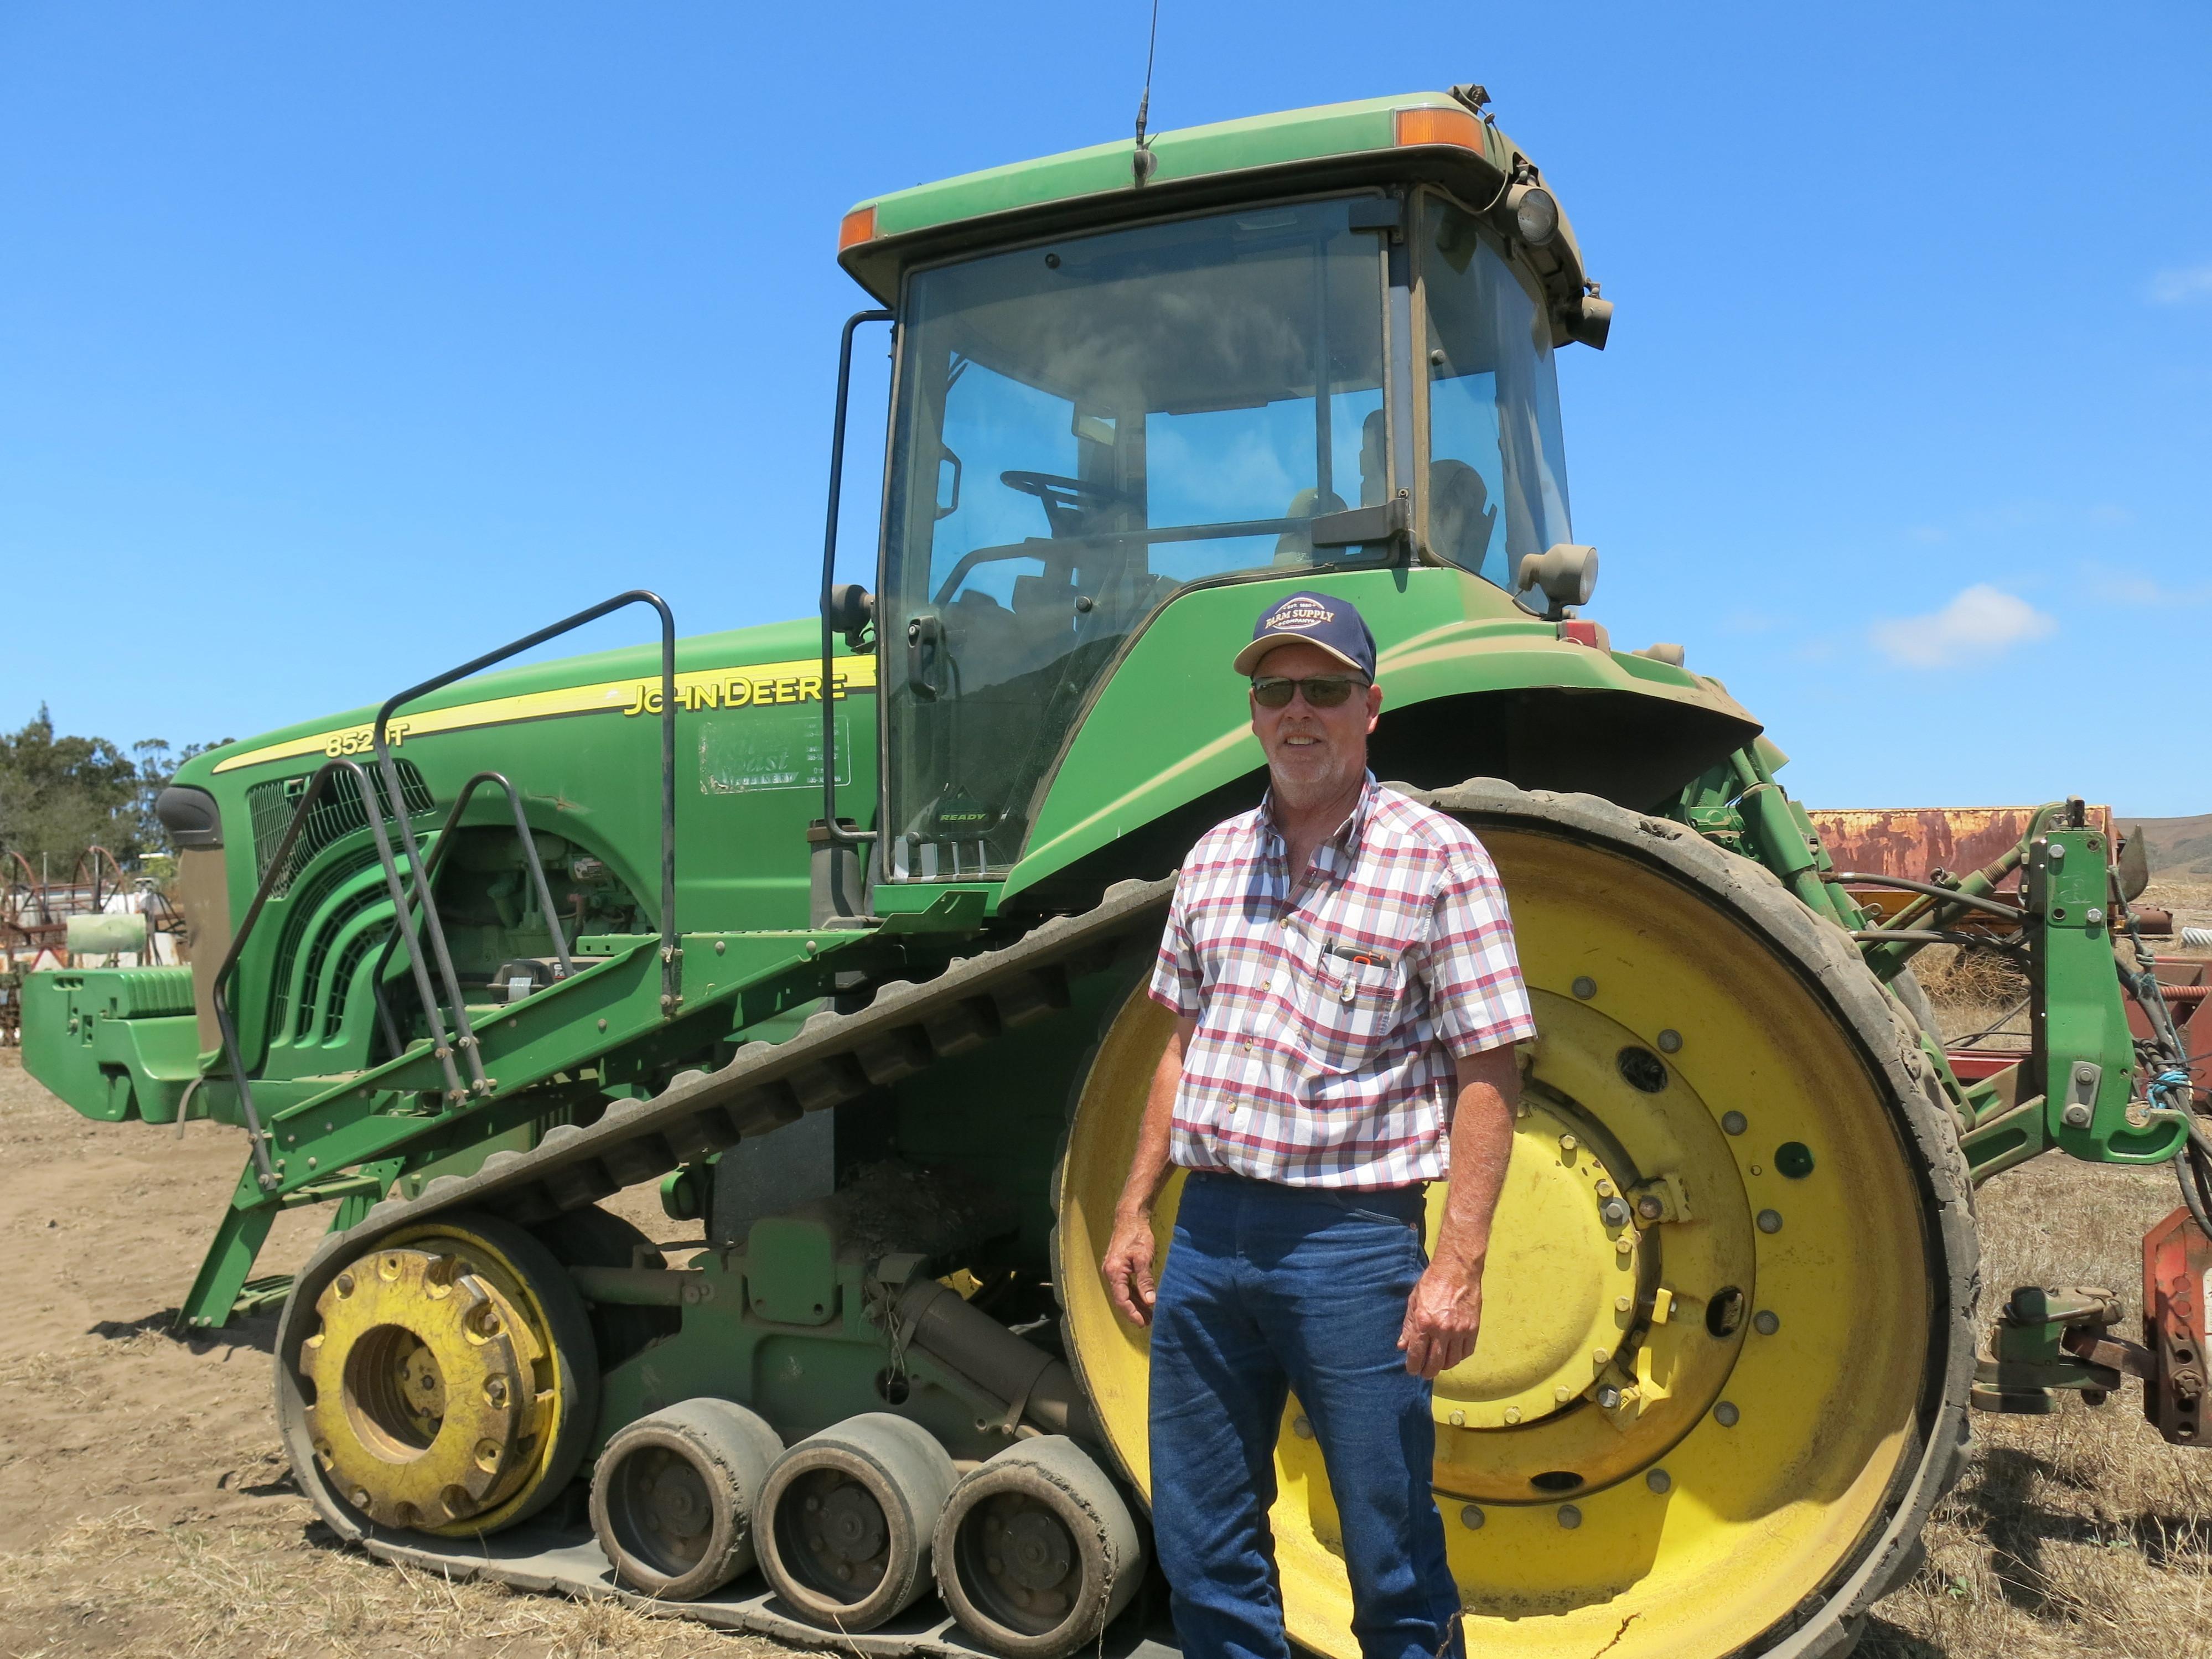 DIY Tractor Repair Runs Afoul Of Copyright Law